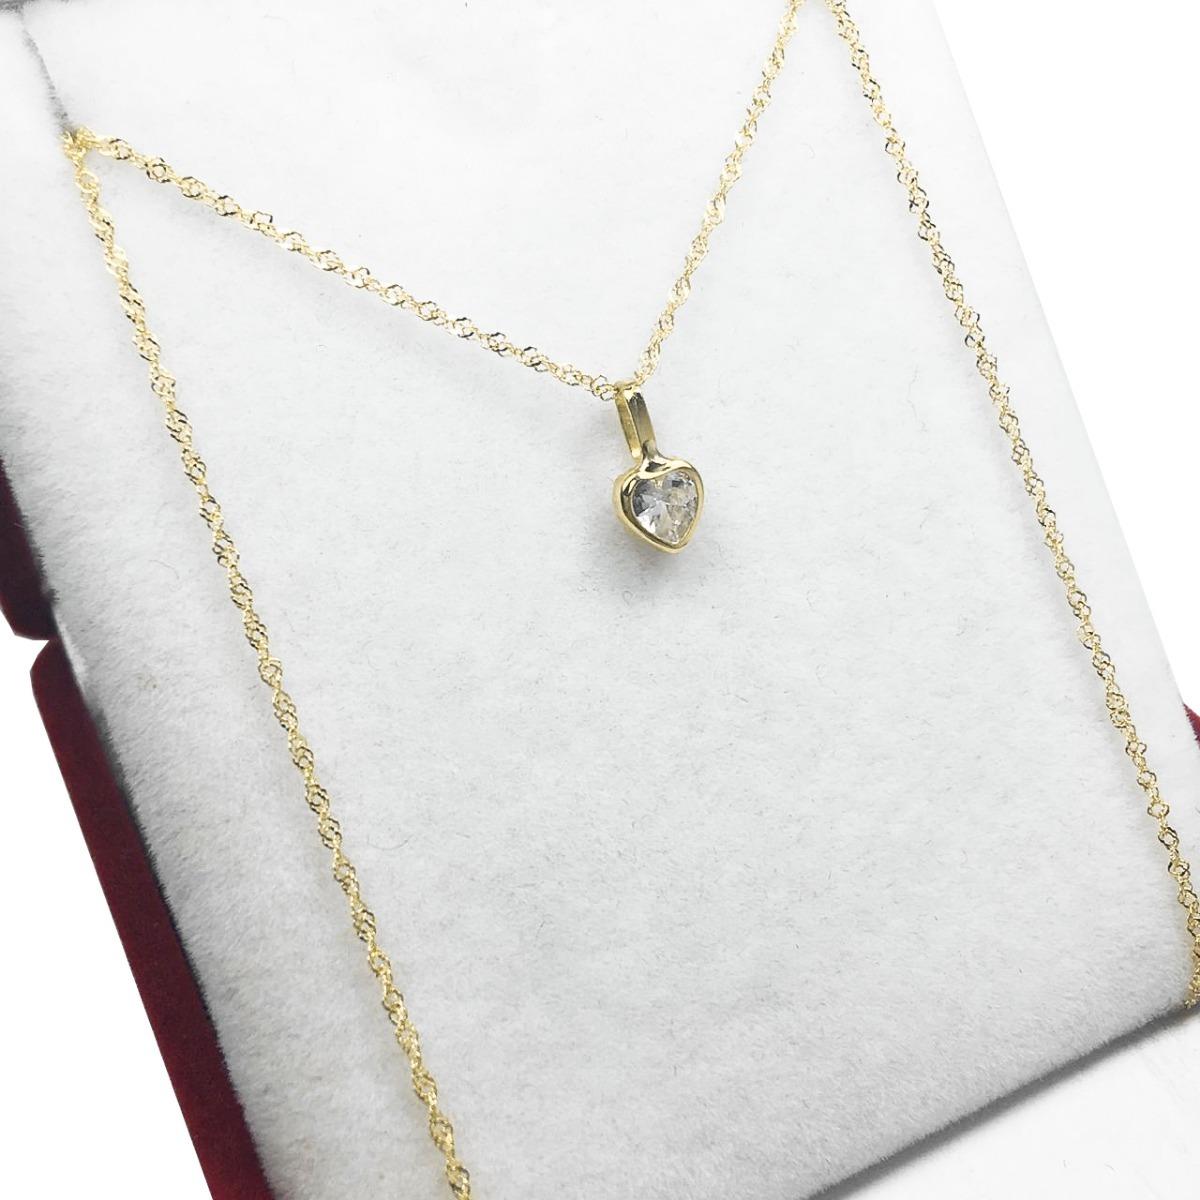 db3615276383 cadena oro 18 k dije corazon piedra 45 cm mujer 15 años. Cargando zoom.